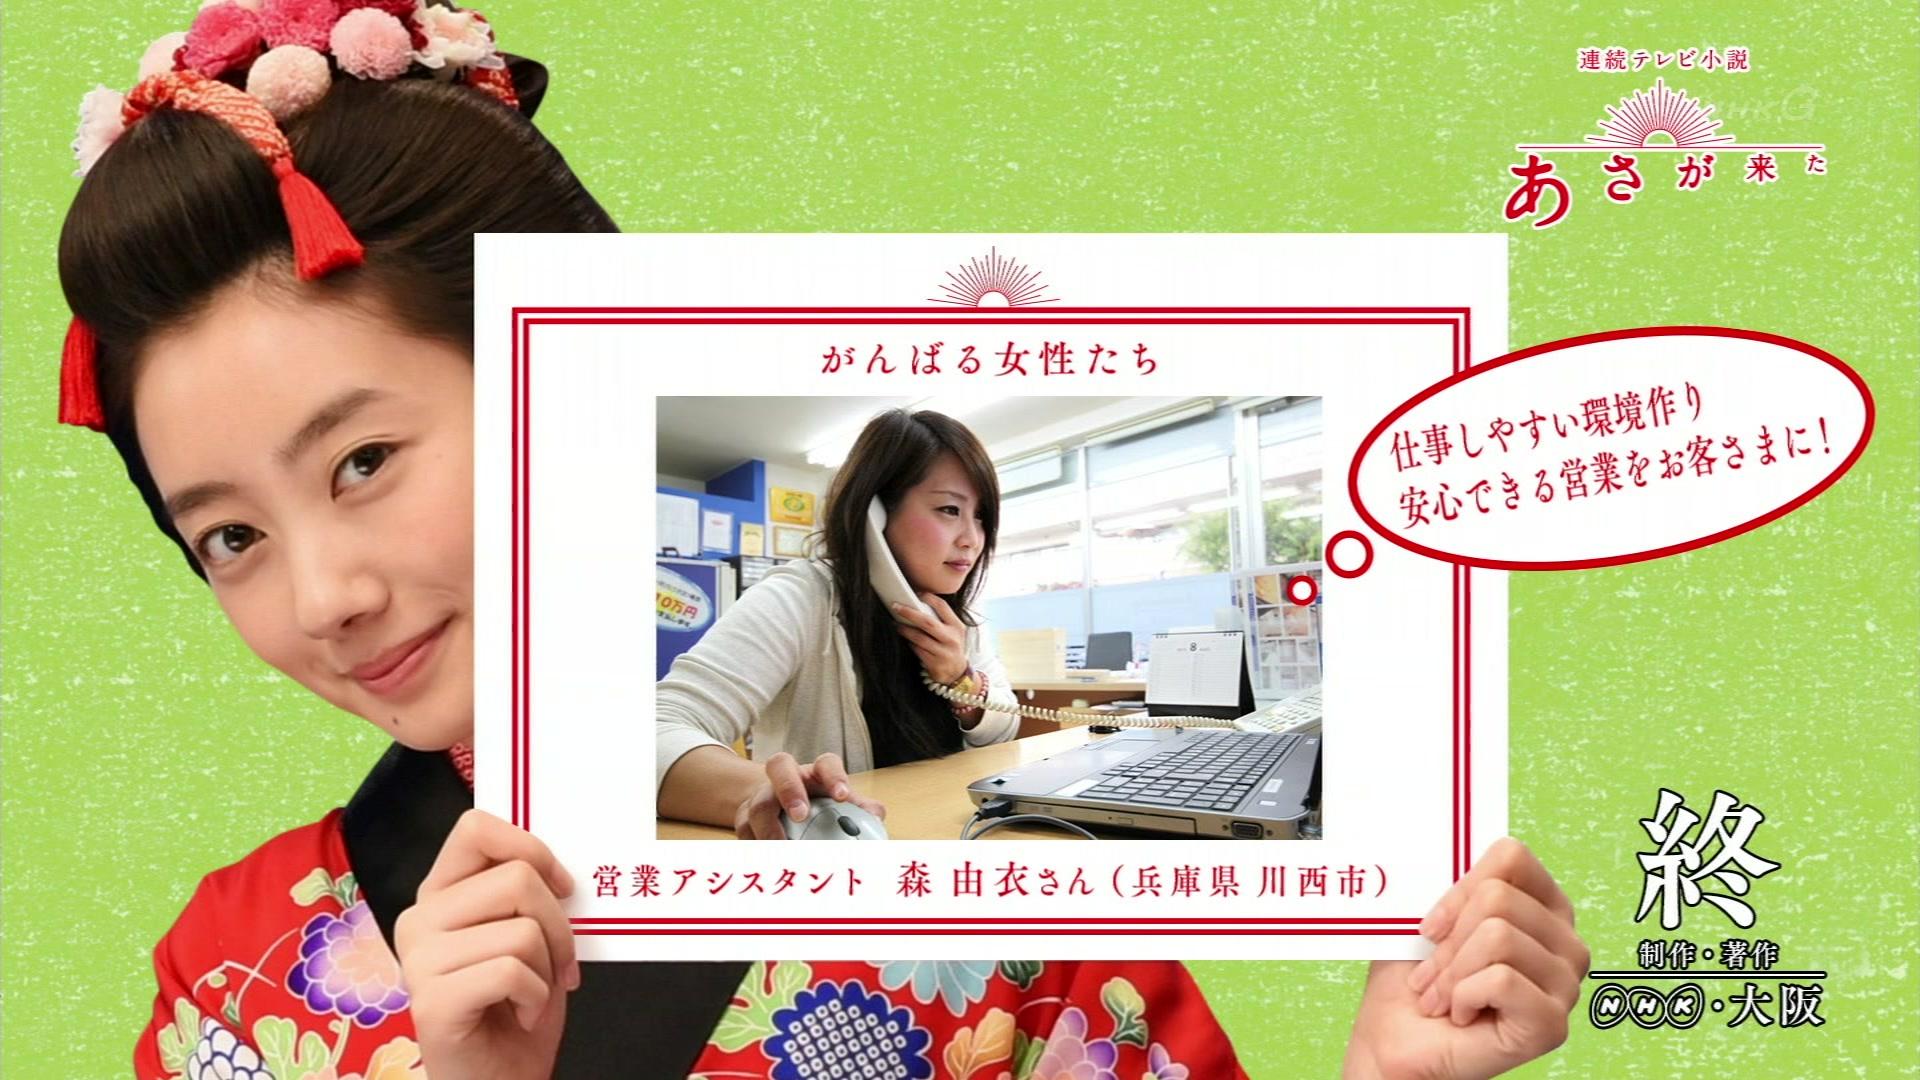 2015-10-10 08:00 連続テレビ小説 あさが来た(12)「ふたつの花びら」 2737